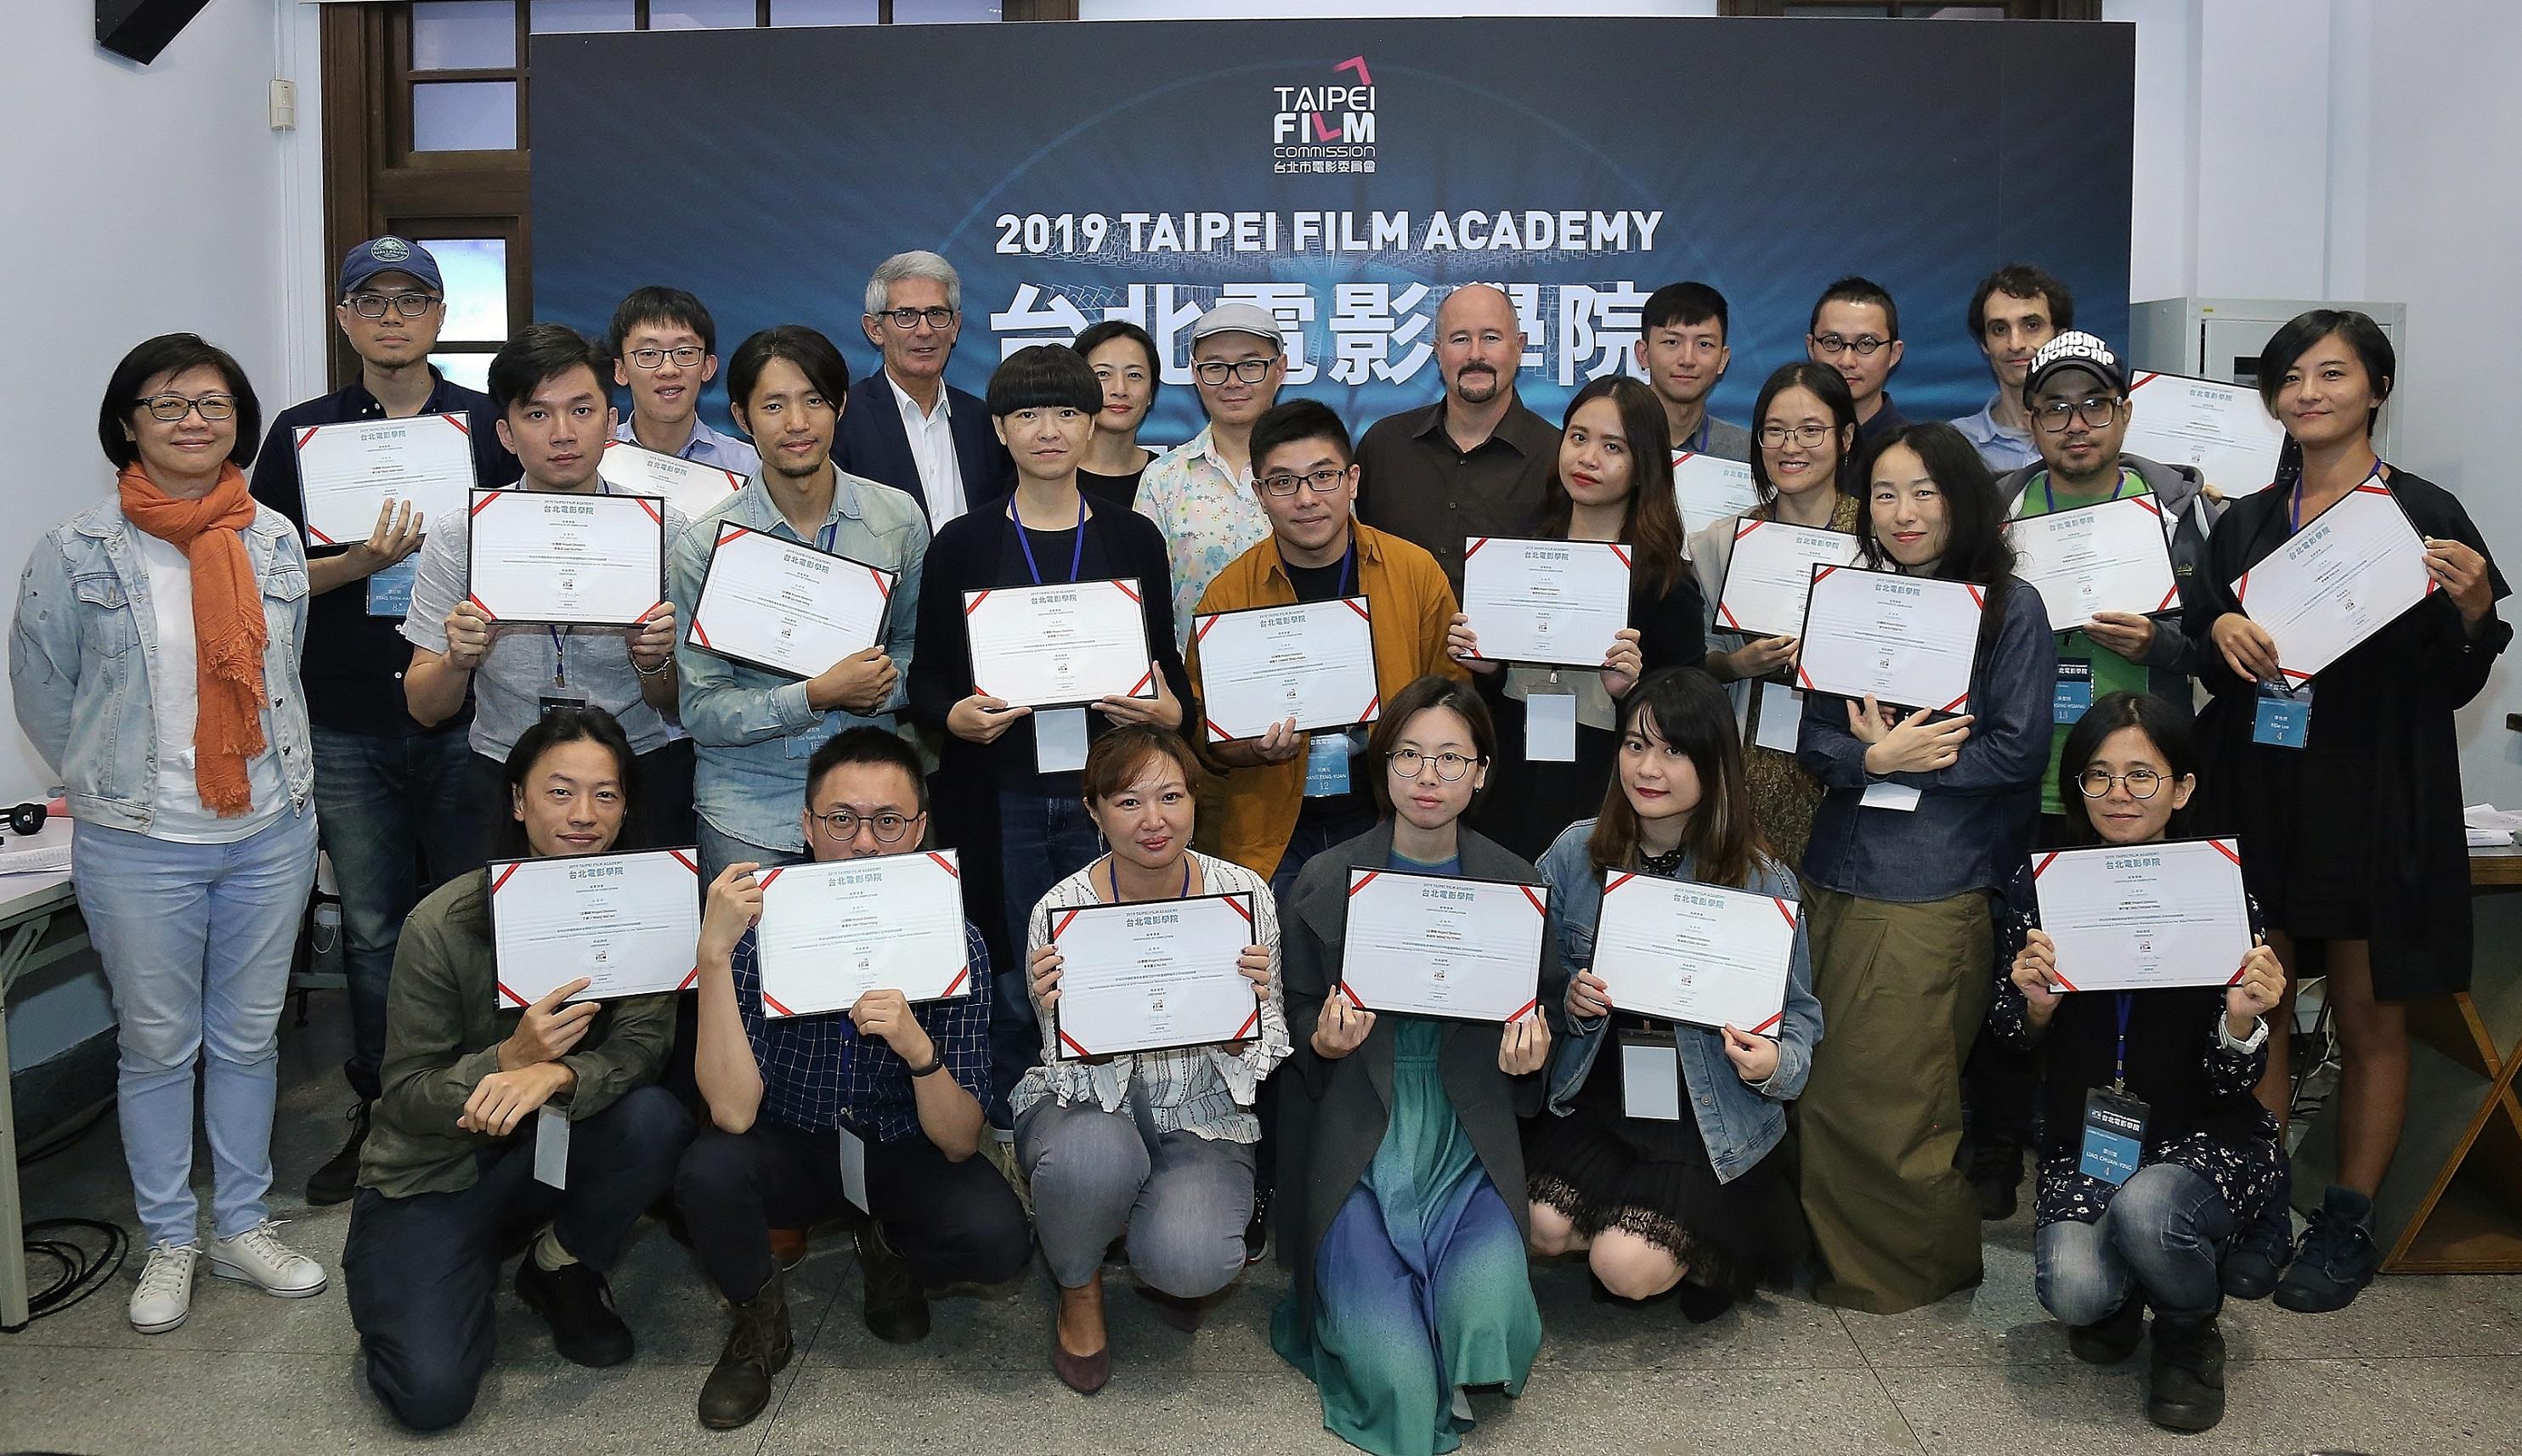 台灣製片躍上國際影壇──北市影委會聯手鹿特丹影展選拔製